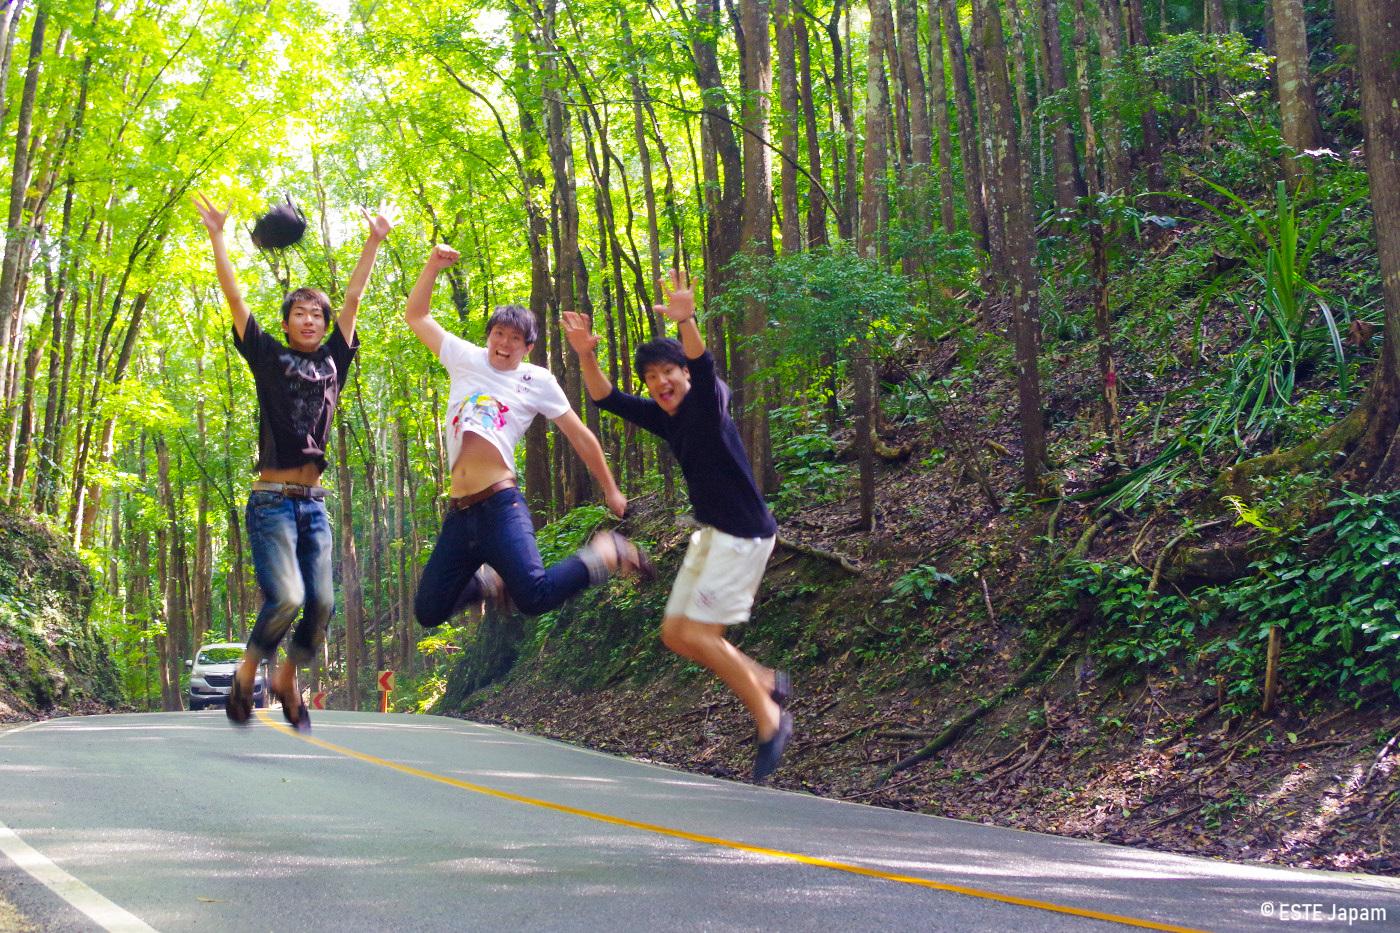 ボホール島ツアーの道中でジャンプする男性3名